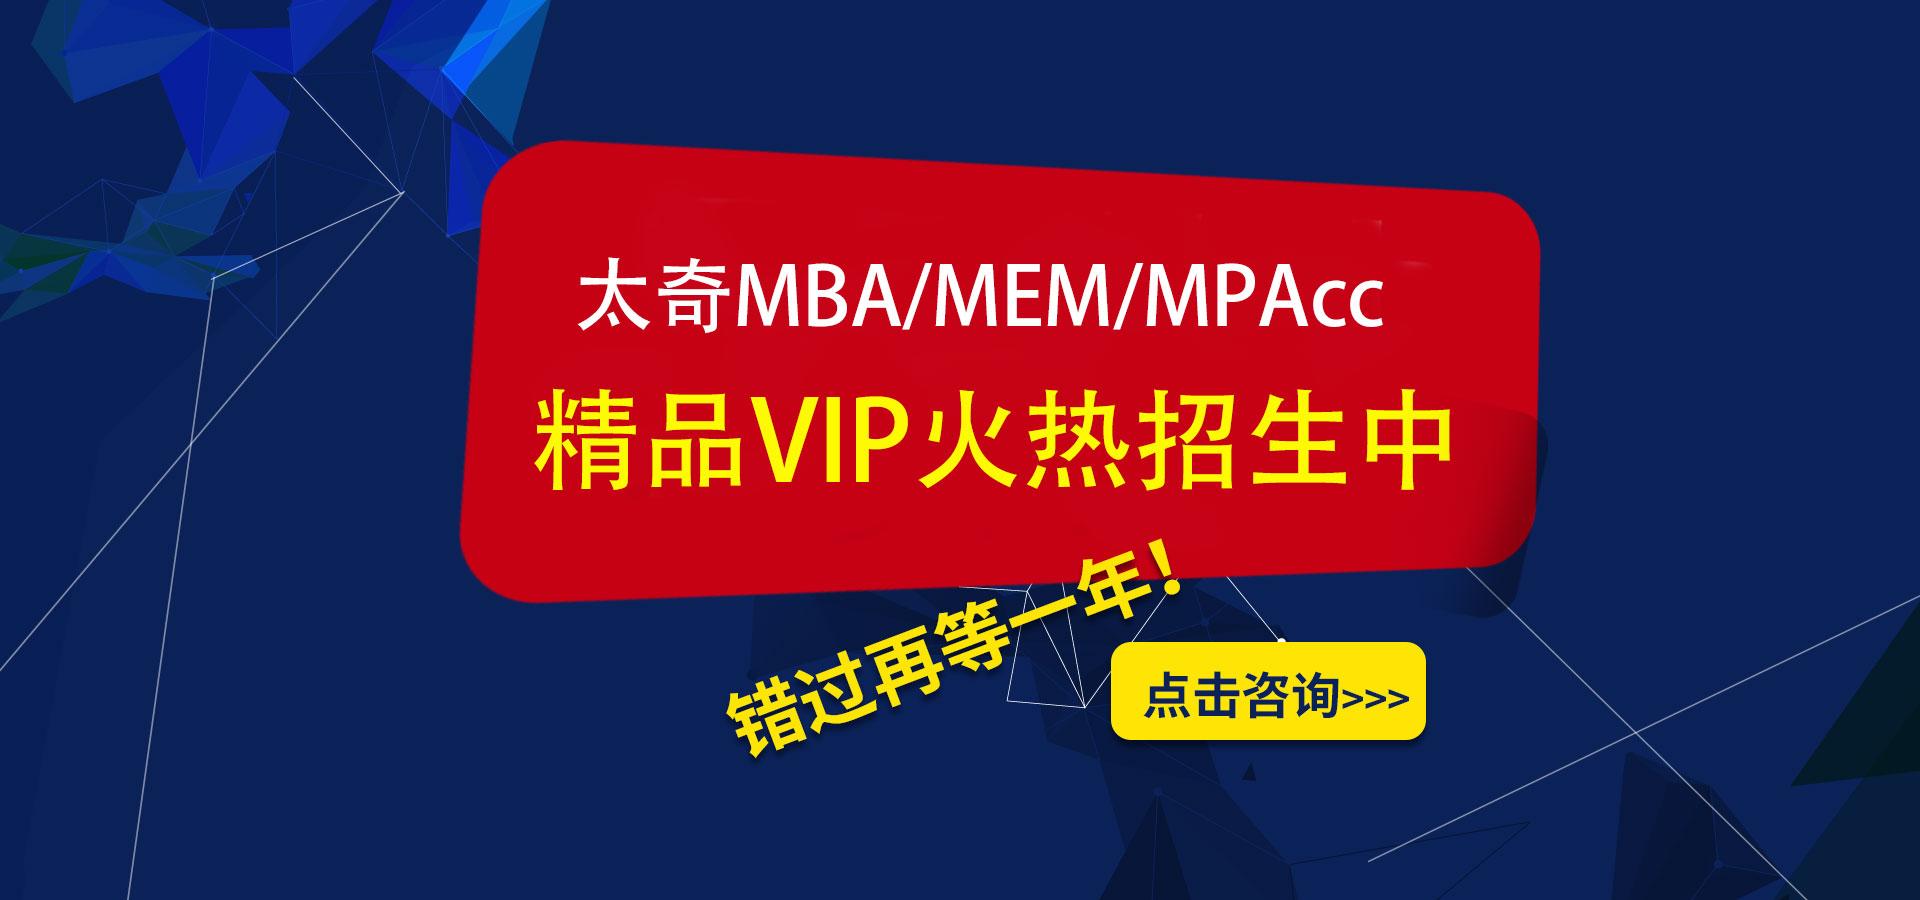 备战2021年MBA/MEM精品VIP班开课了